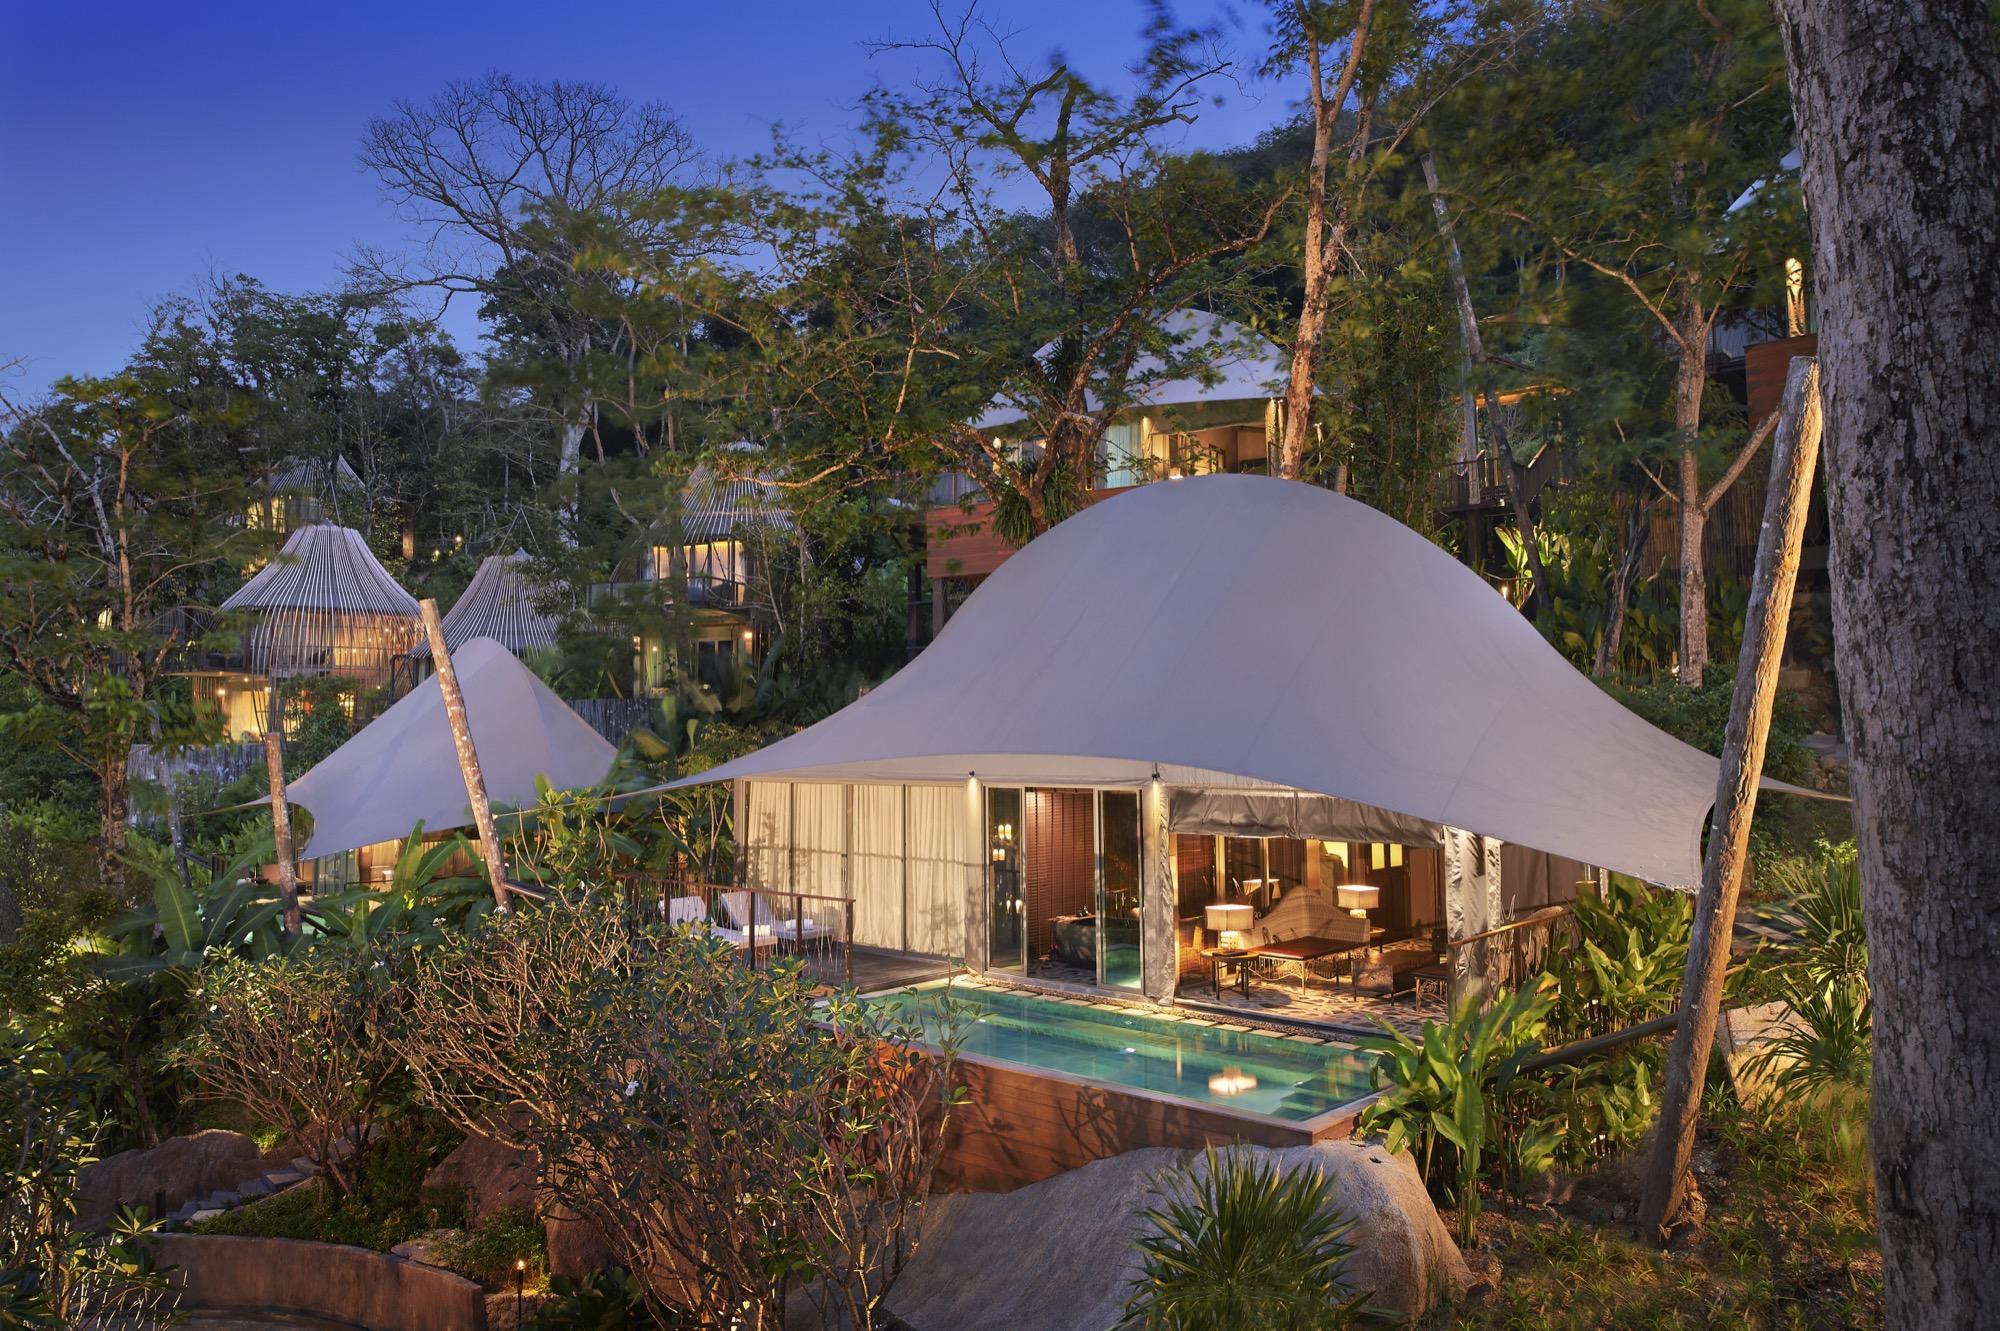 Tent Pool Villa